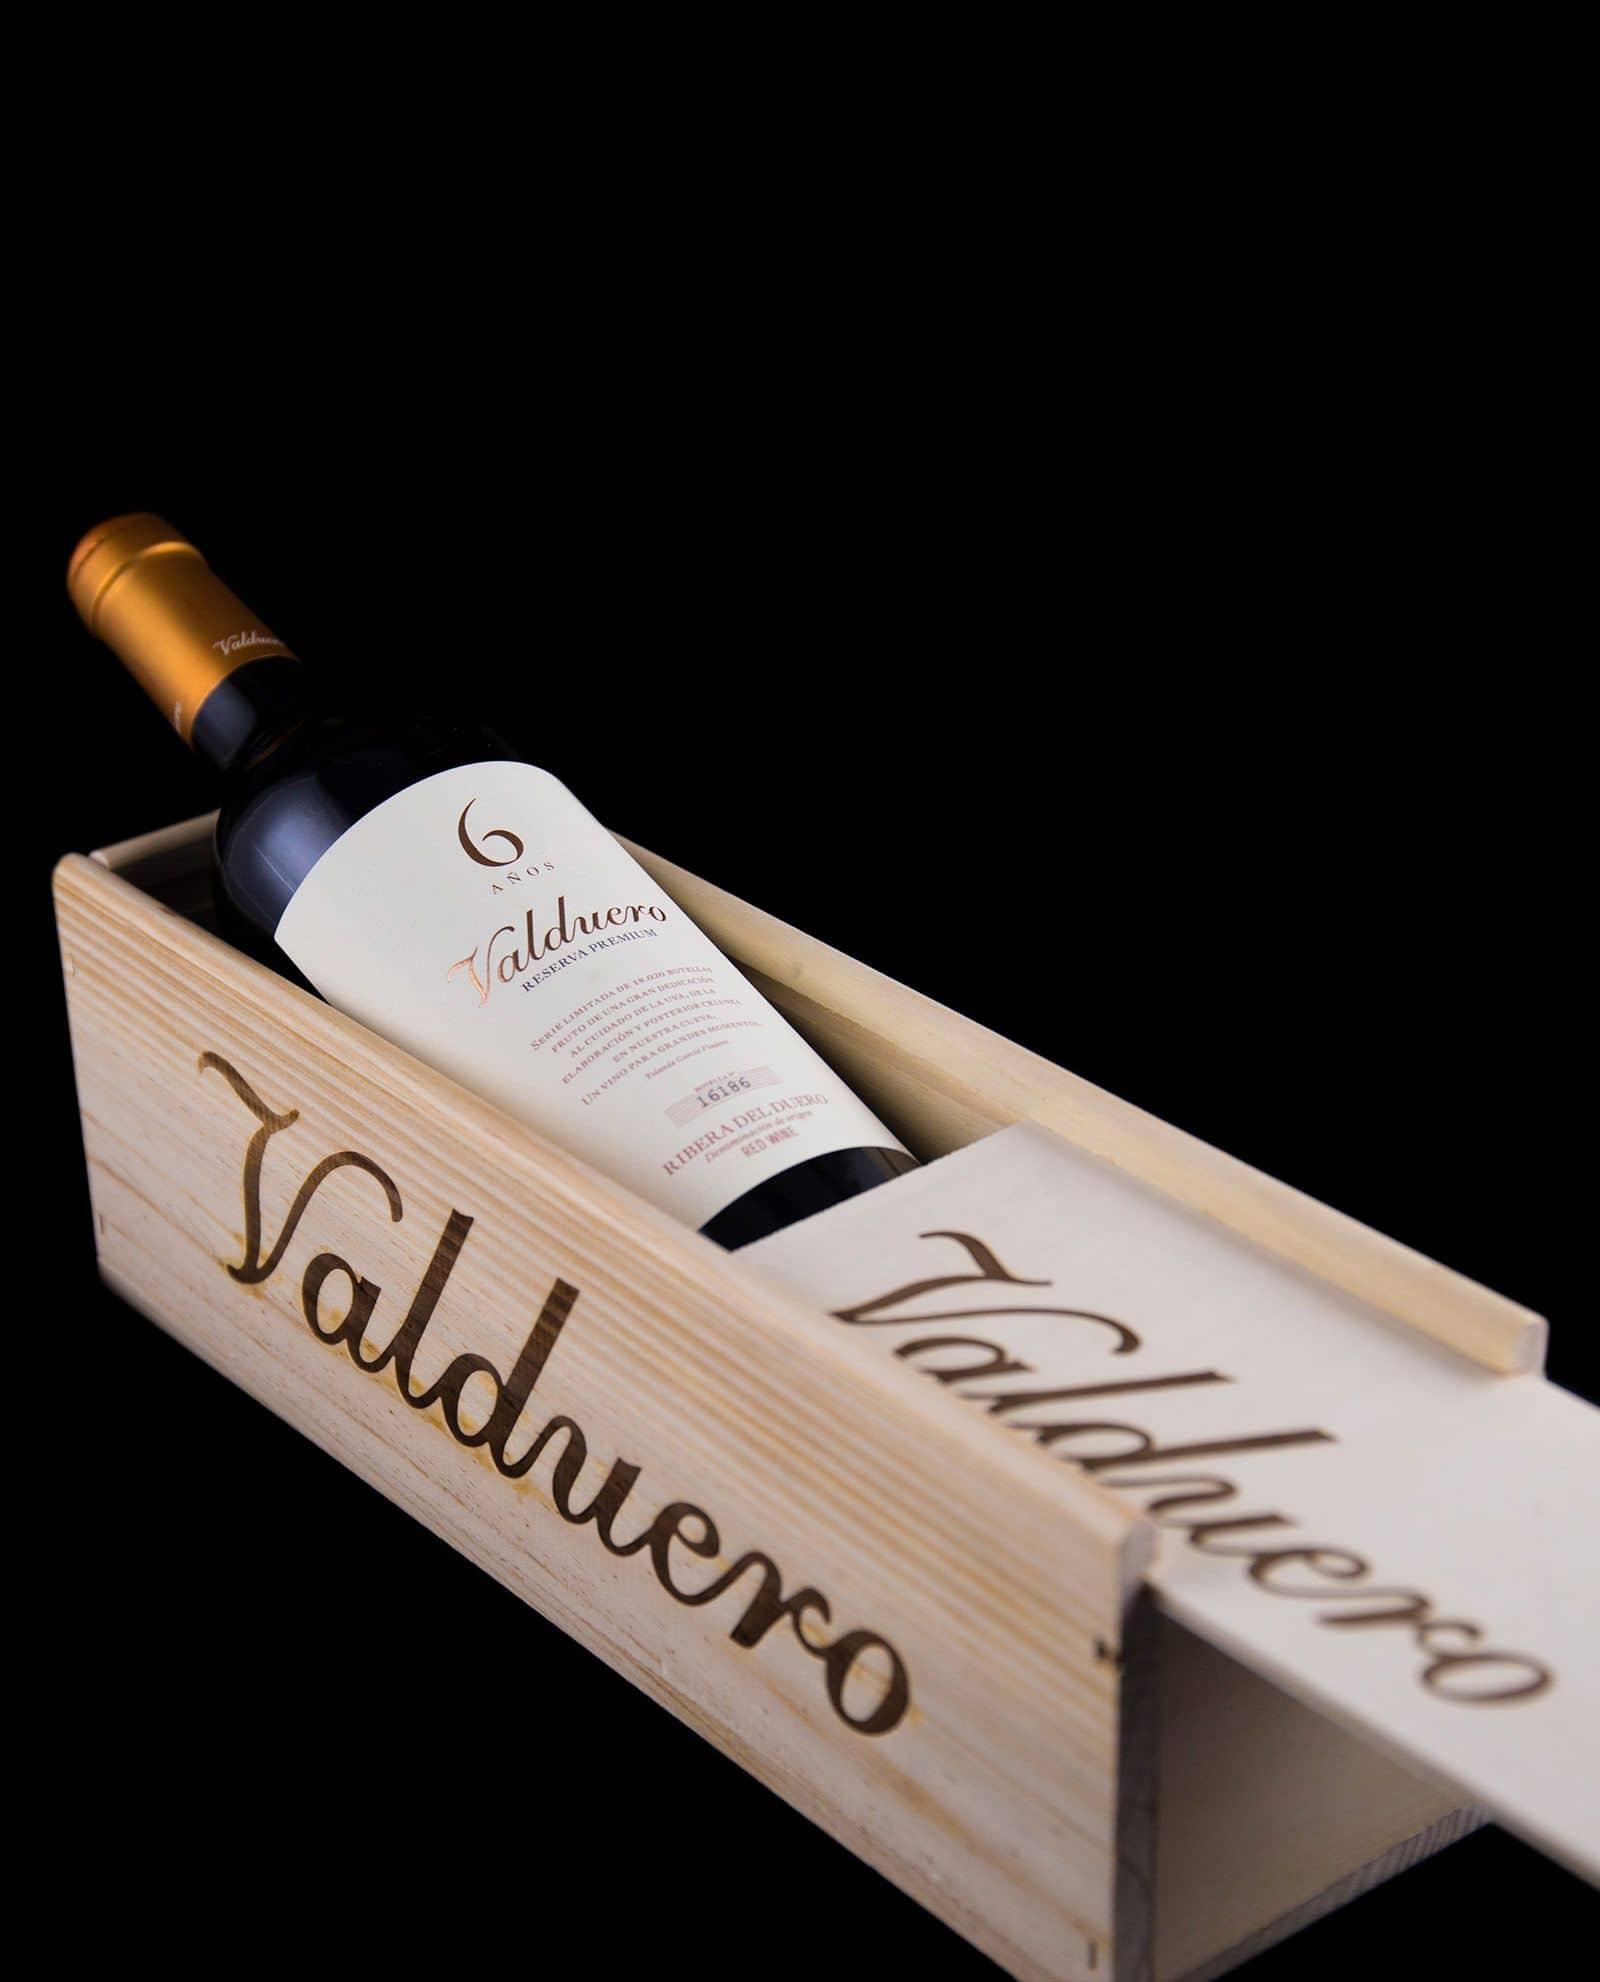 Caja de madera con vino Valduero 6 años, Bodegas Valduero, regalos gourmet, Ribera del Duero